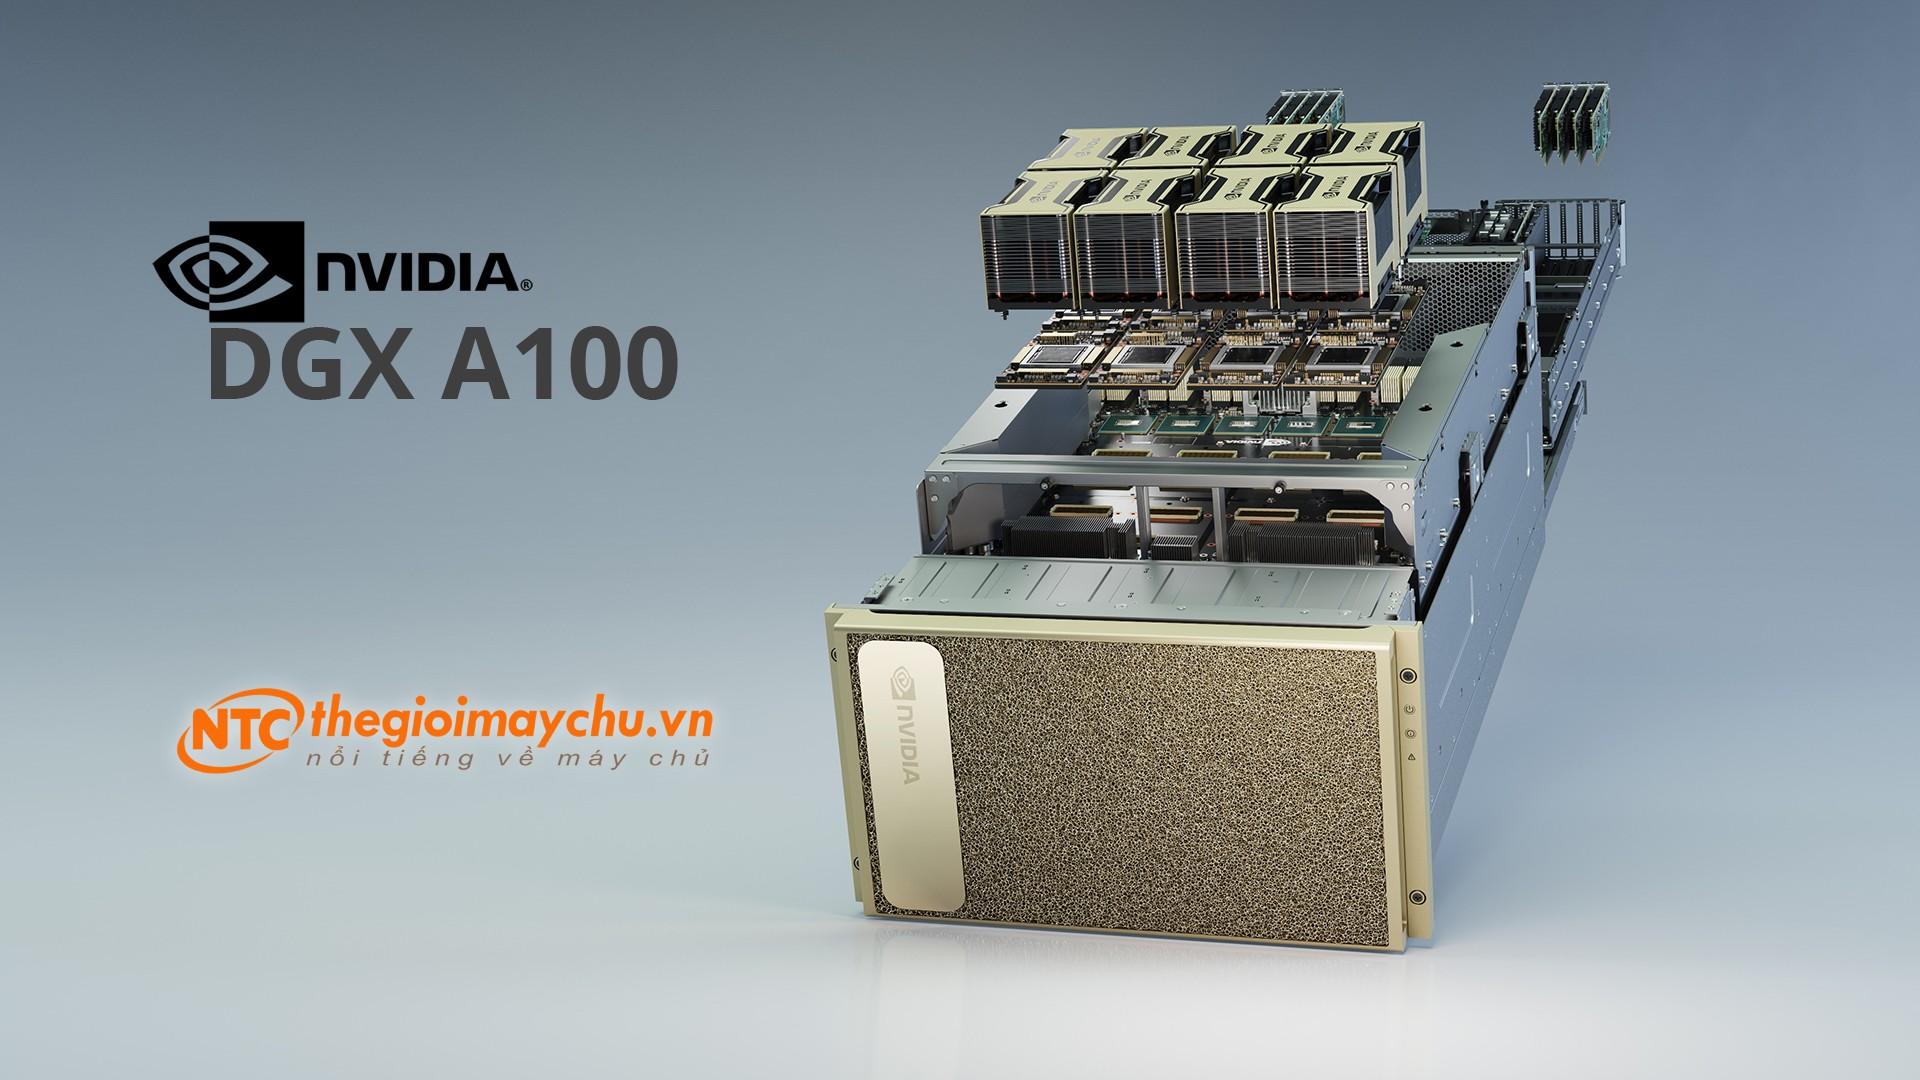 Giới thiệu chi tiết siêu máy chủ AI NVIDIA DGX A100 dựa trên kiến trúc Ampere